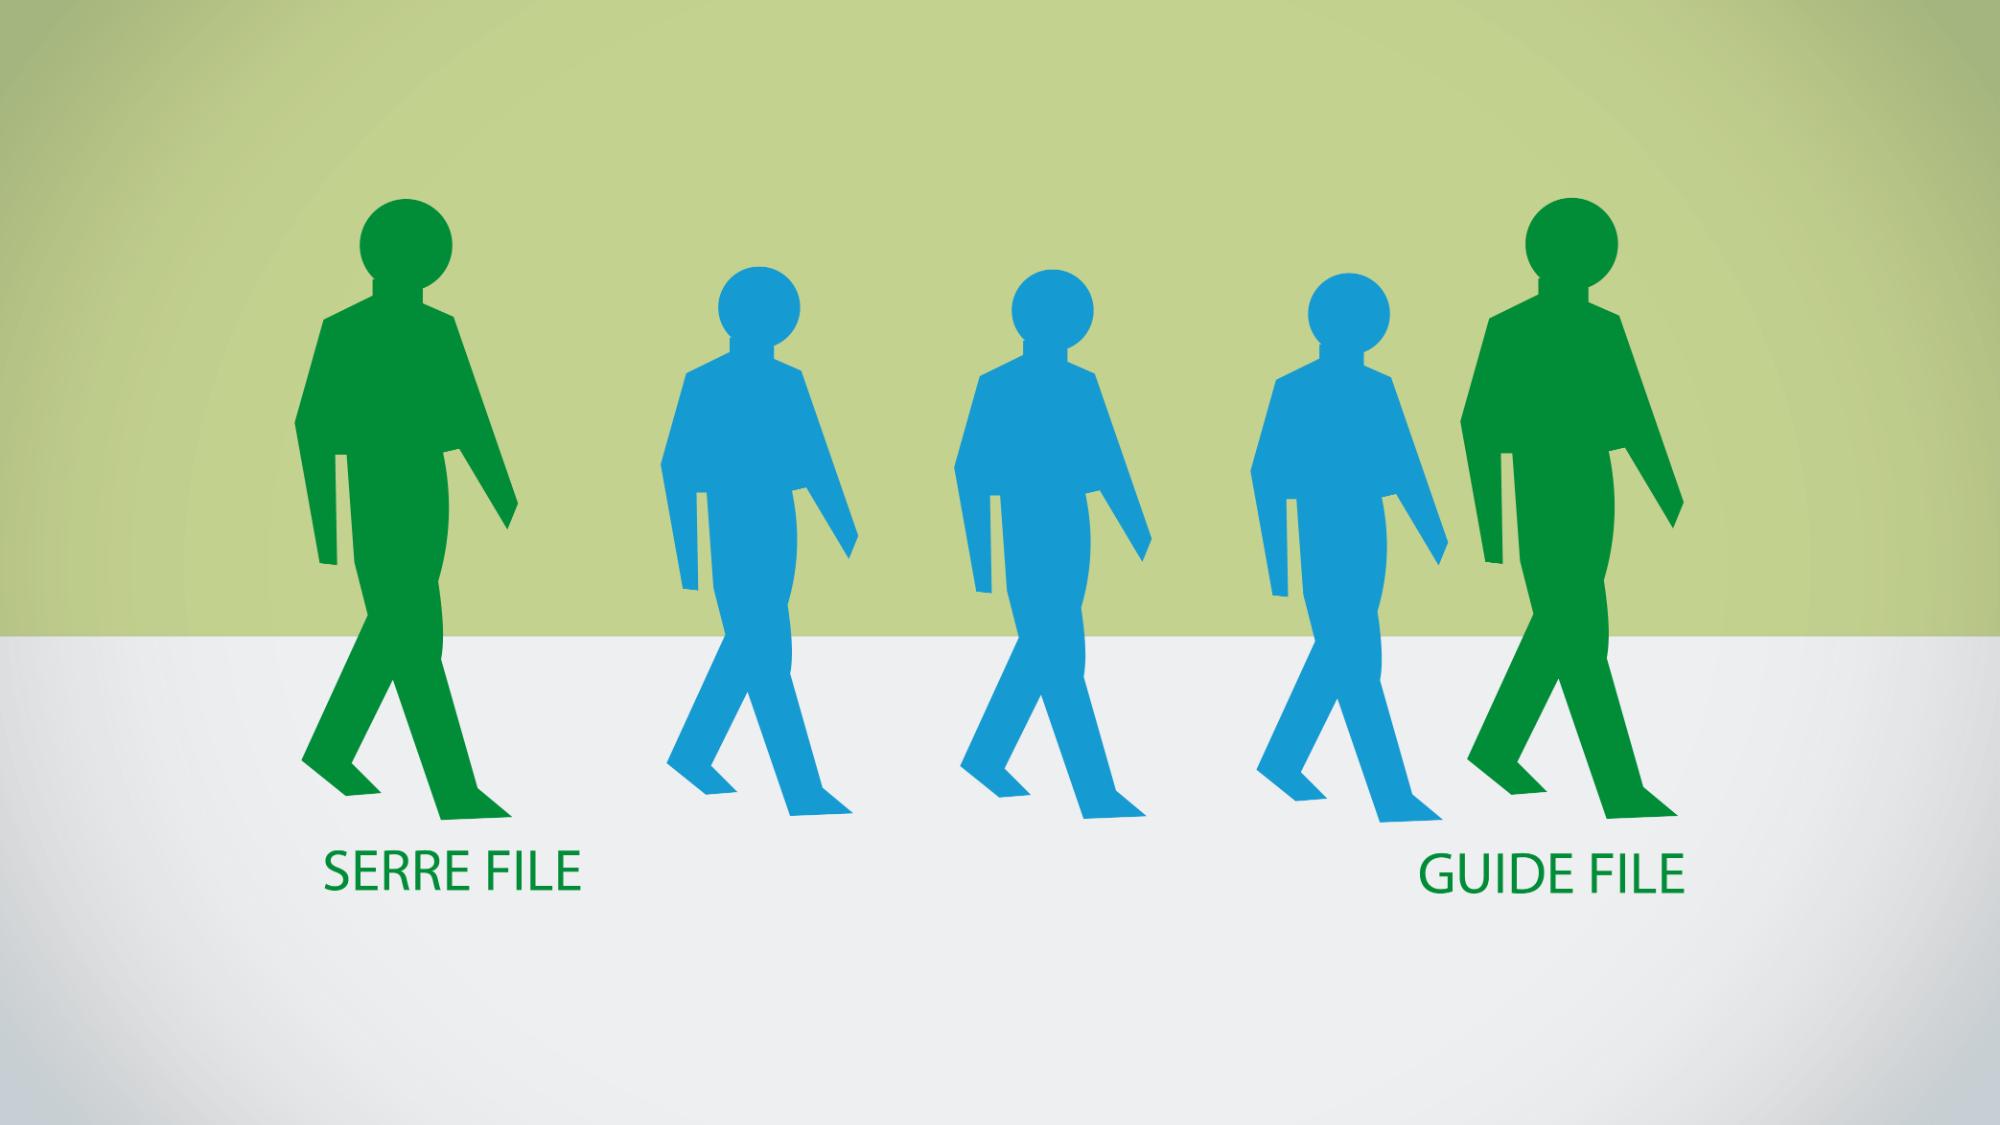 Représentation de la formation : Formation serre file guide file